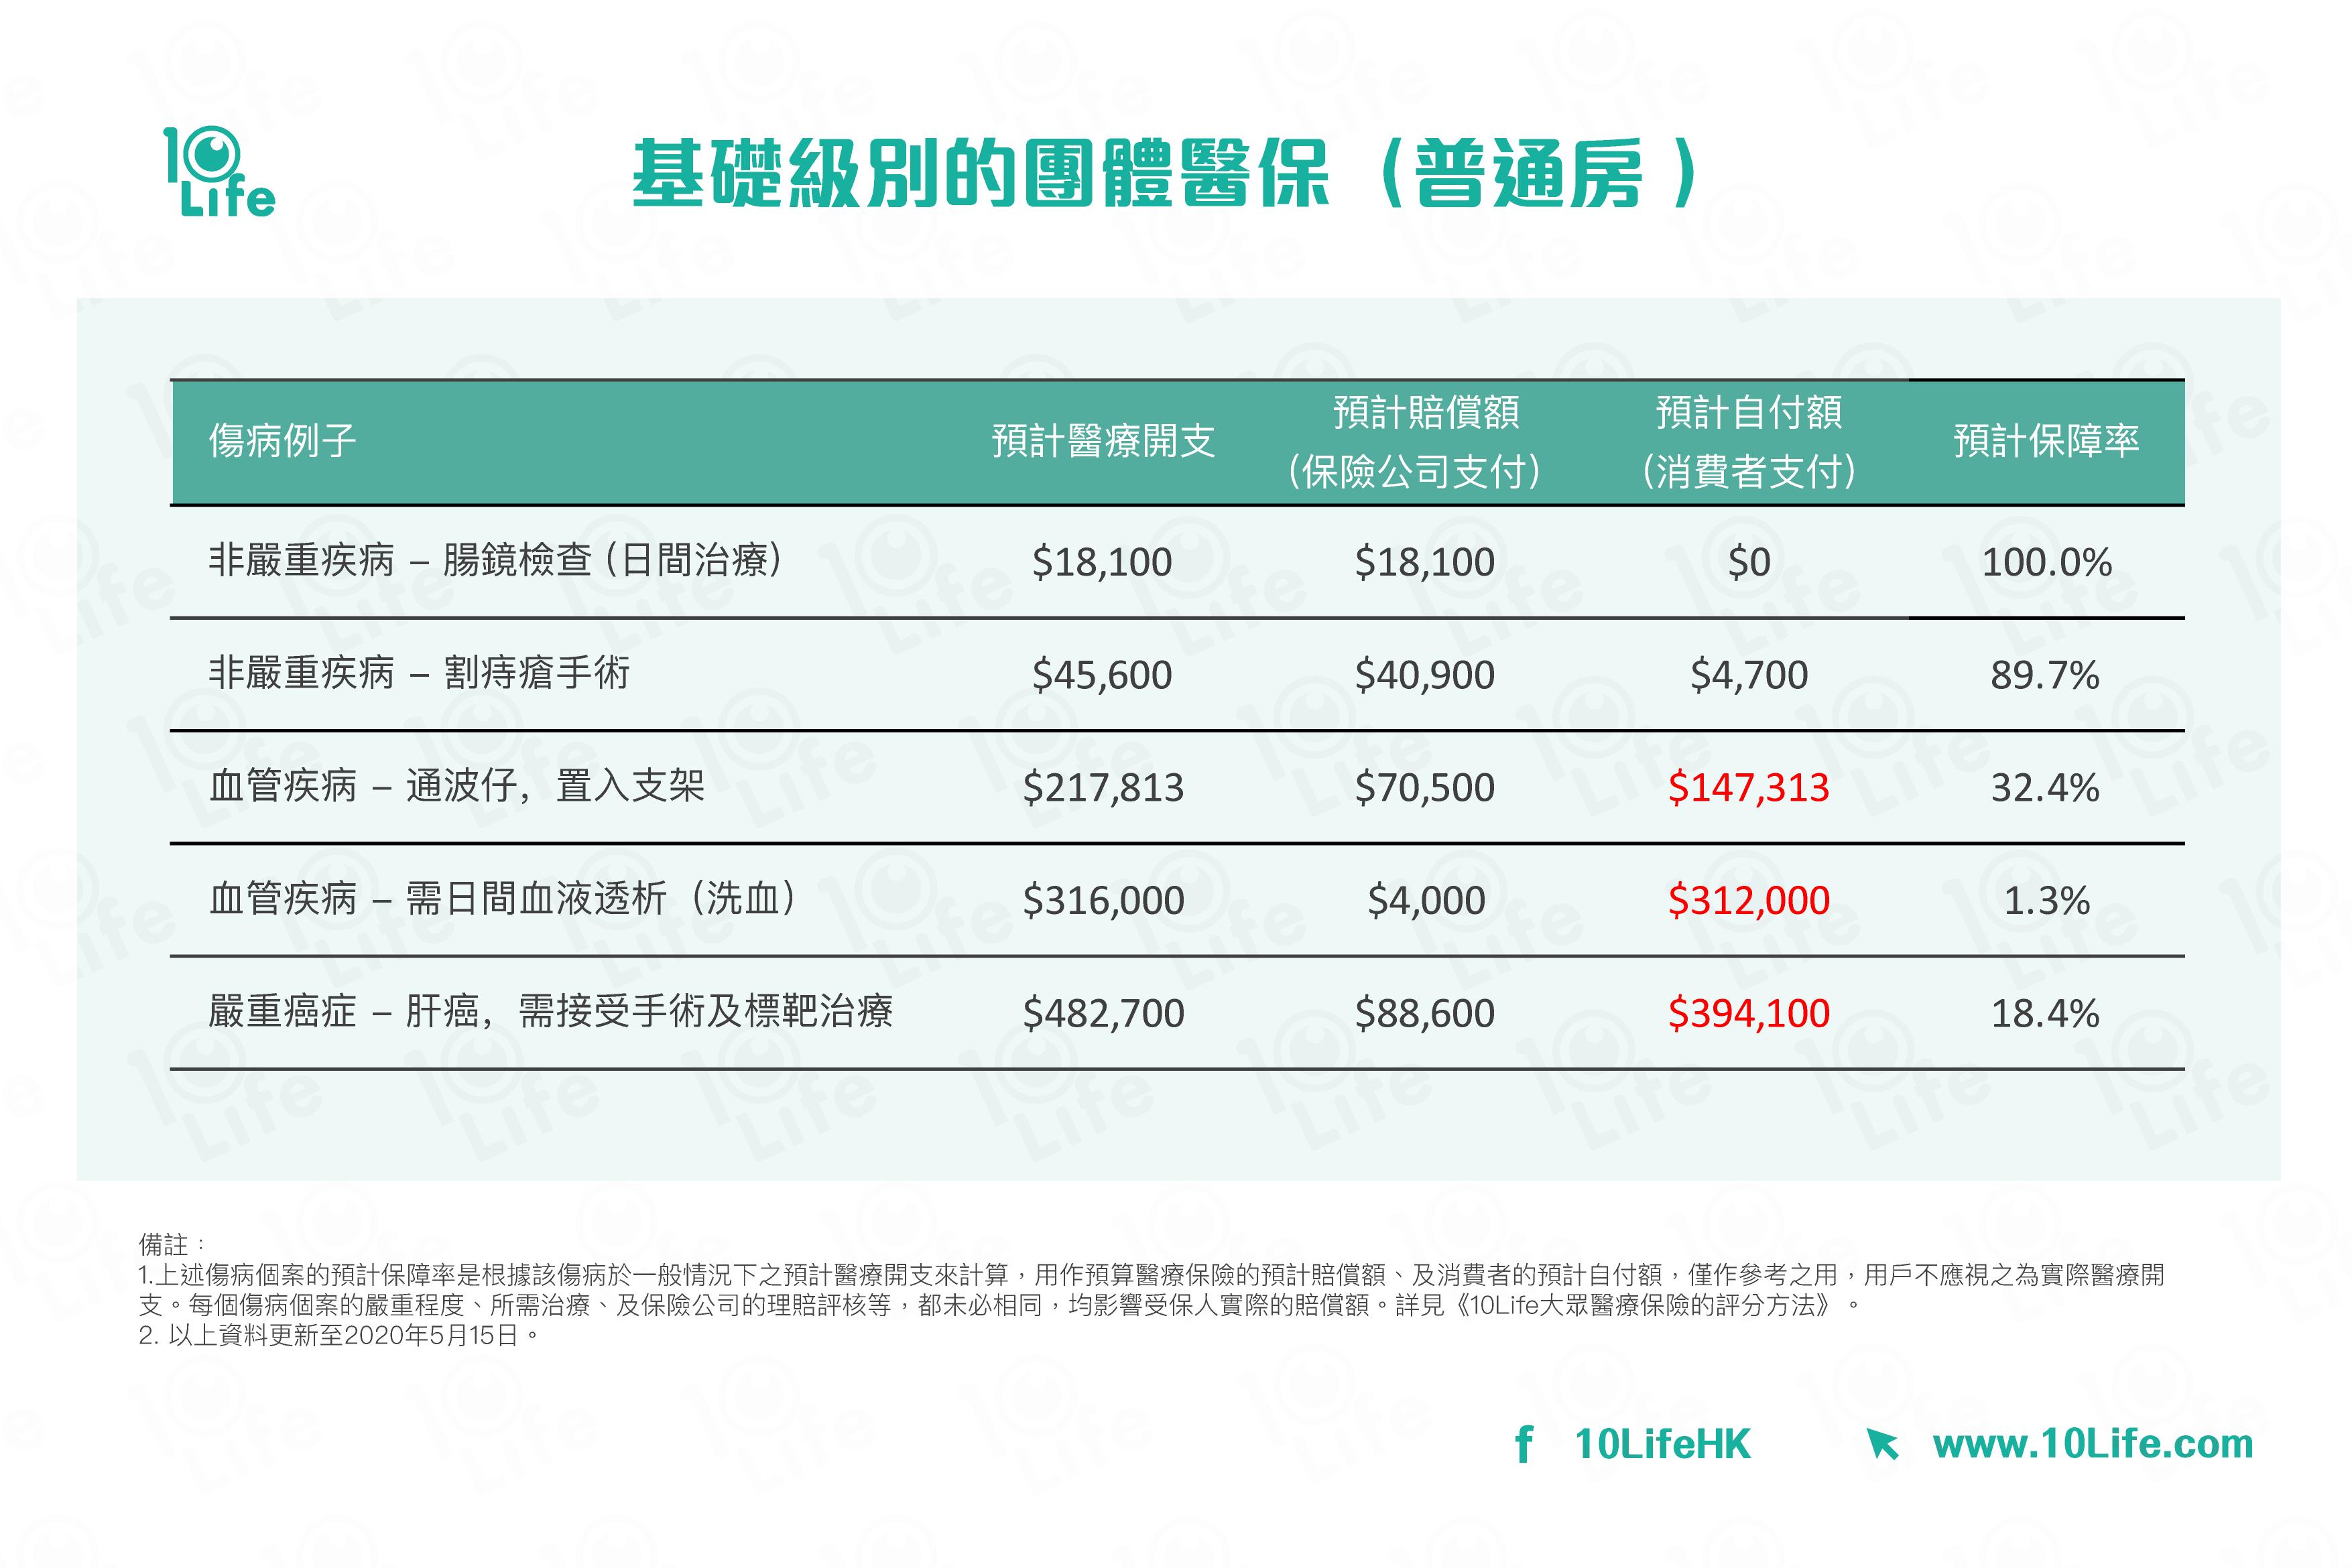 基礎級別的團體醫保(普通房﹚:比較預計醫療開支, 預計賠償額, 預計自付額,預計保障率